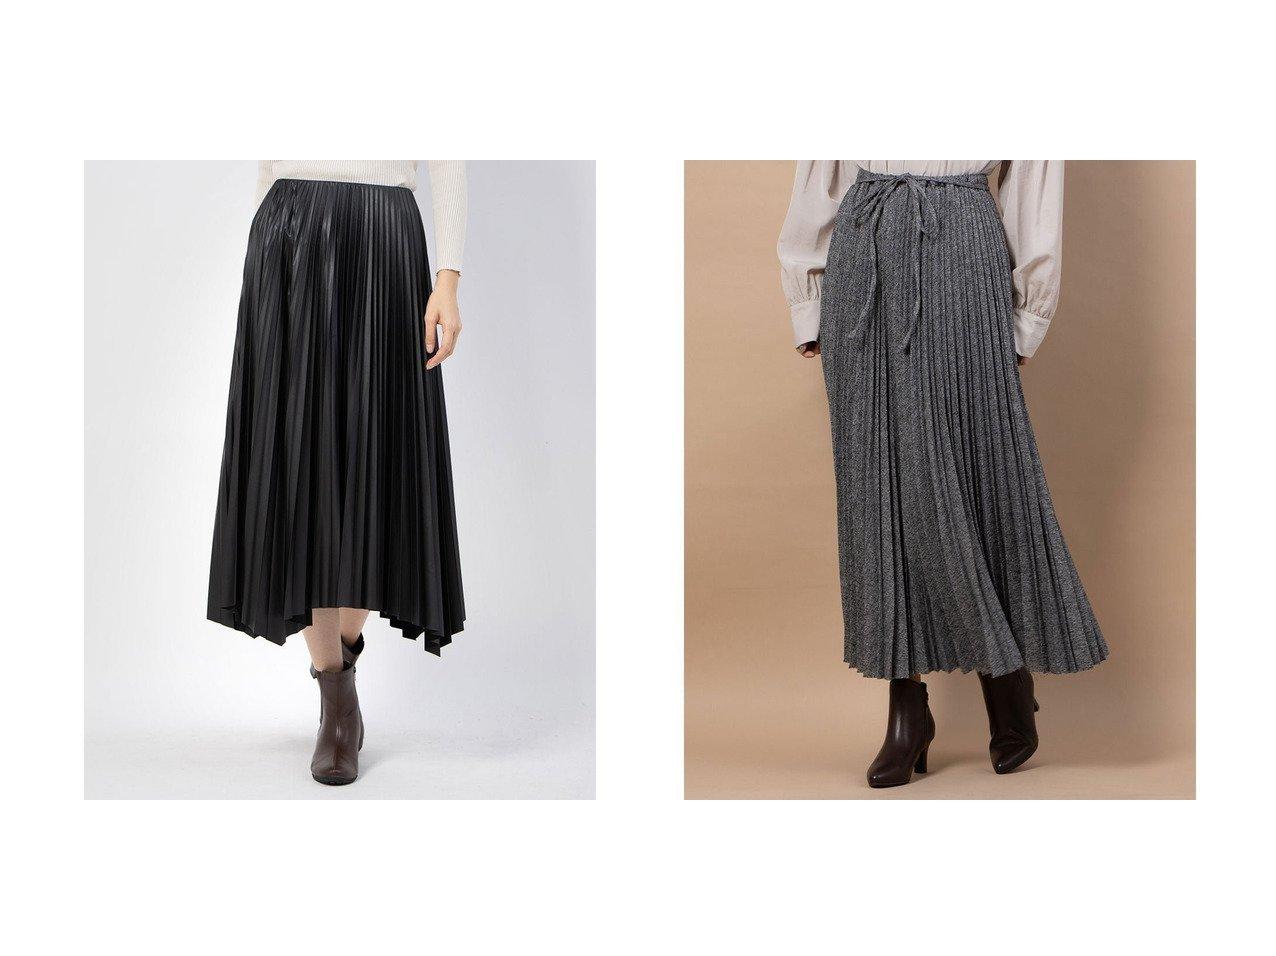 【Mila Owen/ミラオーウェン】の後ろゴムランダムプリーツLSK&レザー見えランダムヘムプリーツスカート スカートのおすすめ!人気、レディースファッションの通販 おすすめで人気のファッション通販商品 インテリア・家具・キッズファッション・メンズファッション・レディースファッション・服の通販 founy(ファニー) https://founy.com/ ファッション Fashion レディース WOMEN スカート Skirt プリーツスカート Pleated Skirts スタイリッシュ プリーツ ランダム 人気 |ID:crp329100000001498